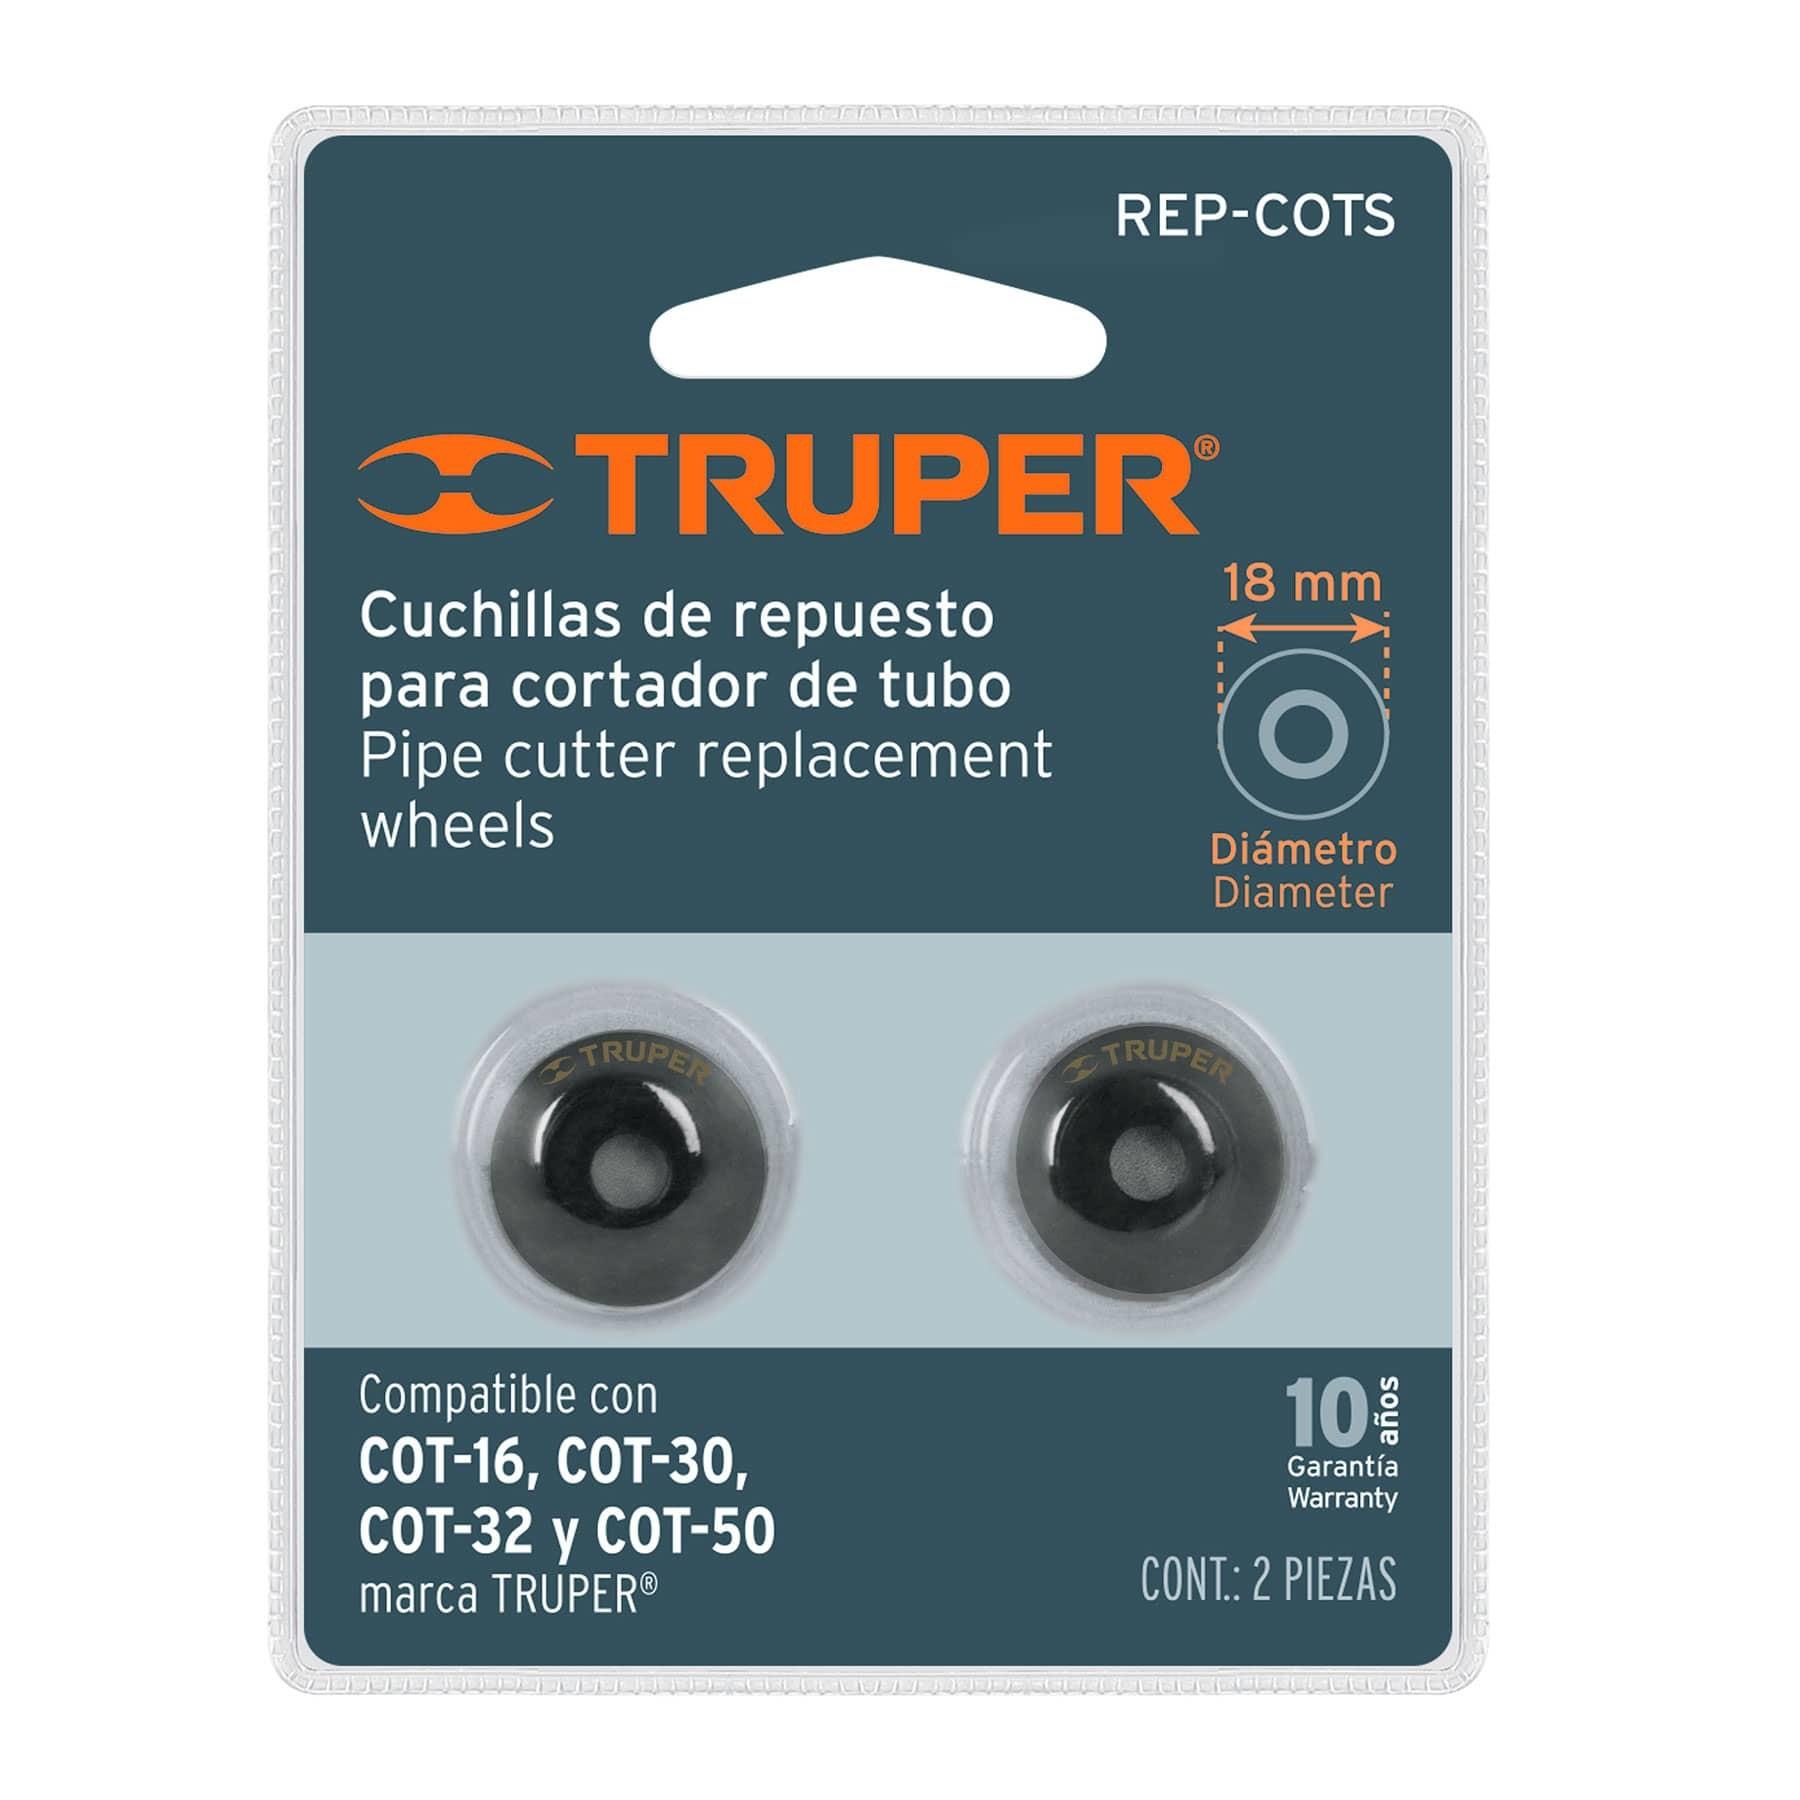 Repuesto de cuchillas para cortador de tubo COT-16-50, 2pzas